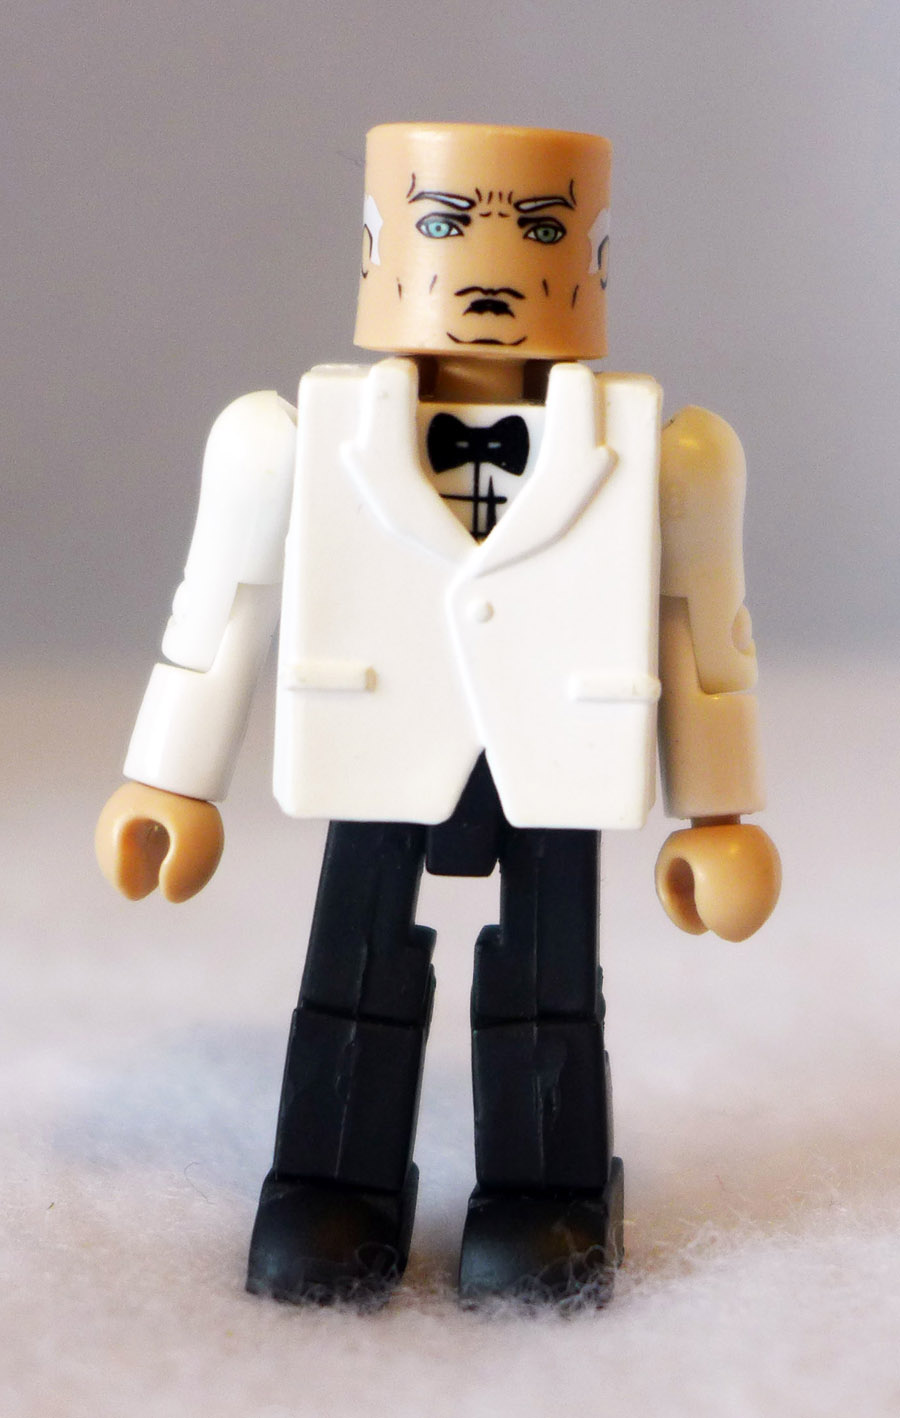 Alfred Custom Minimate